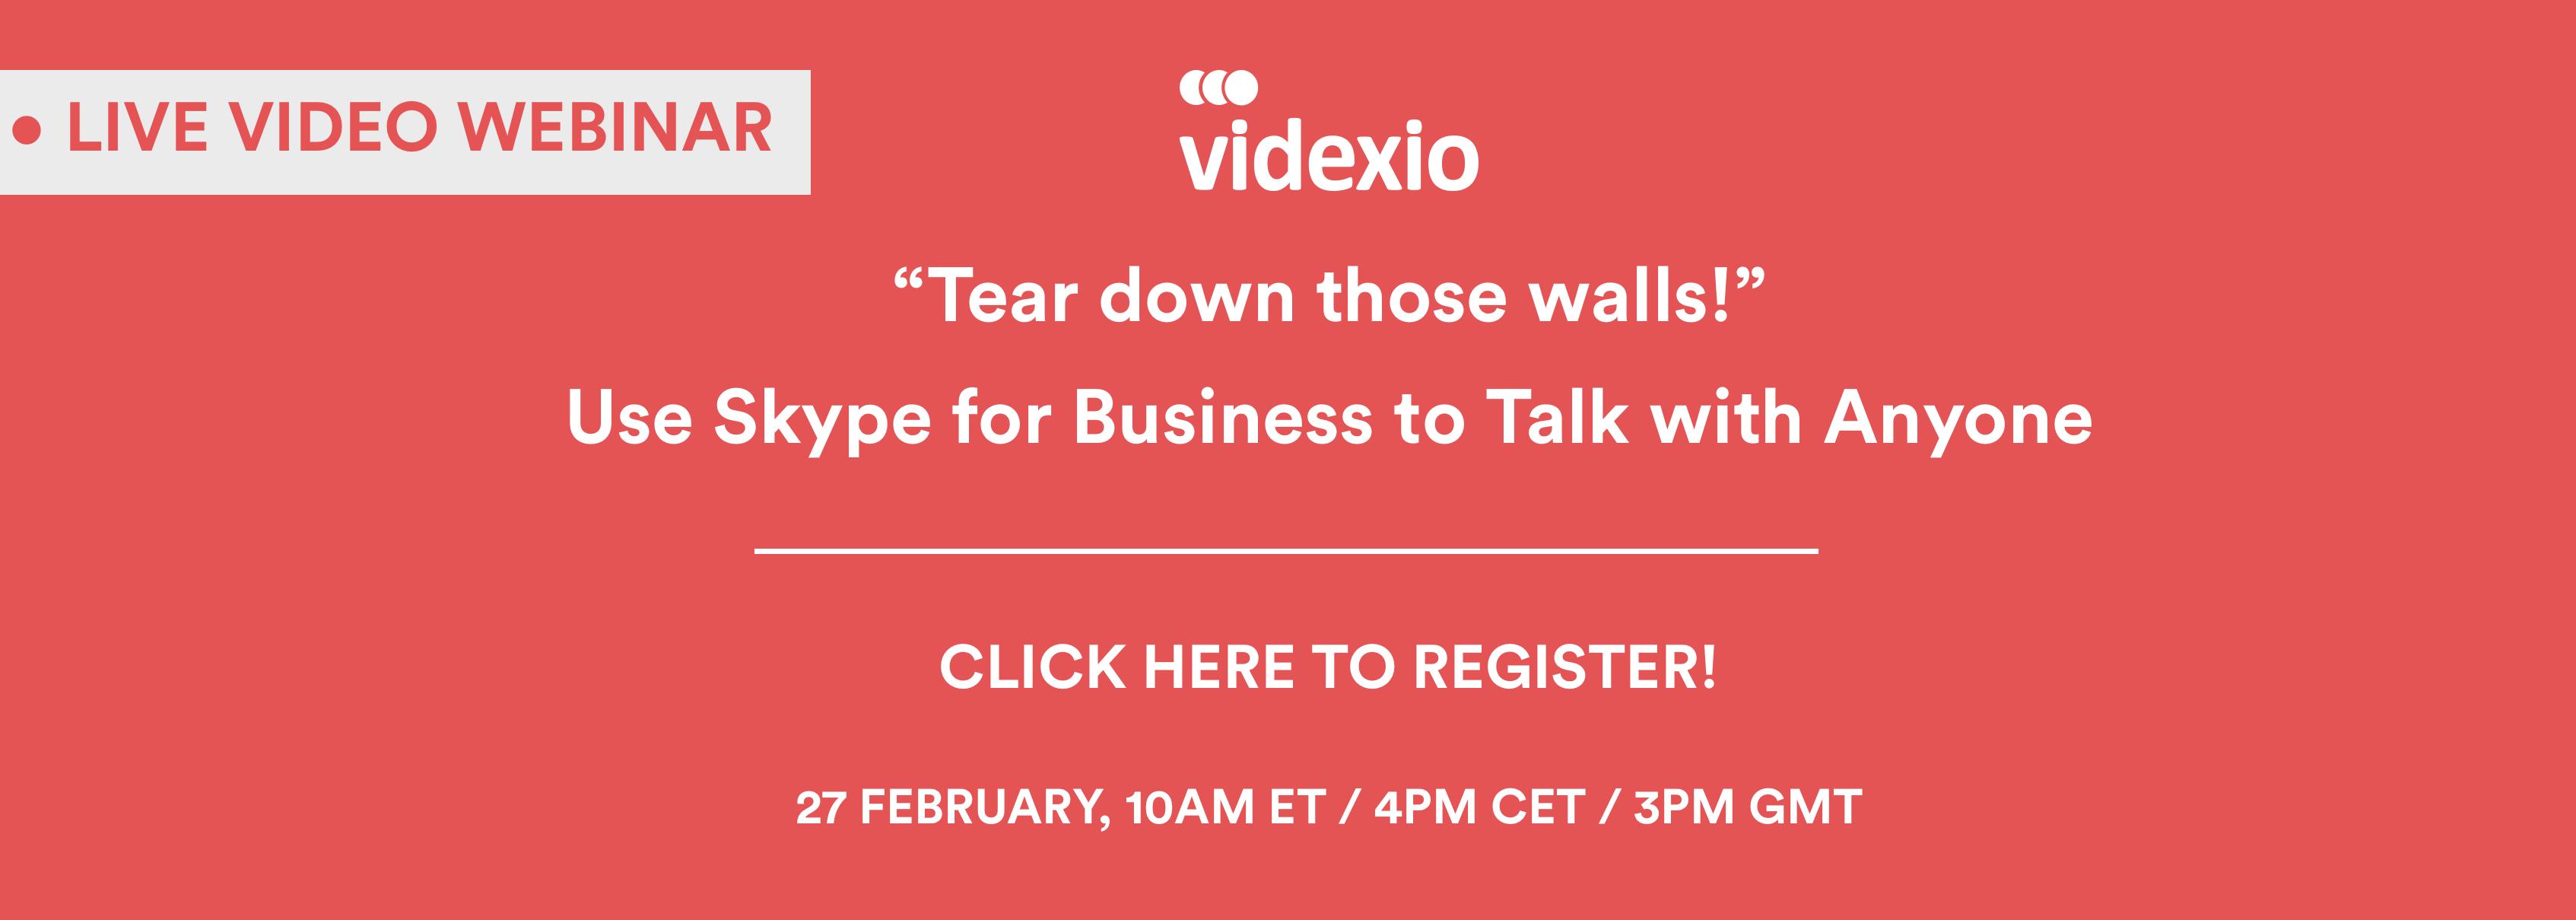 Videxio webinar signup Feb 2018.png